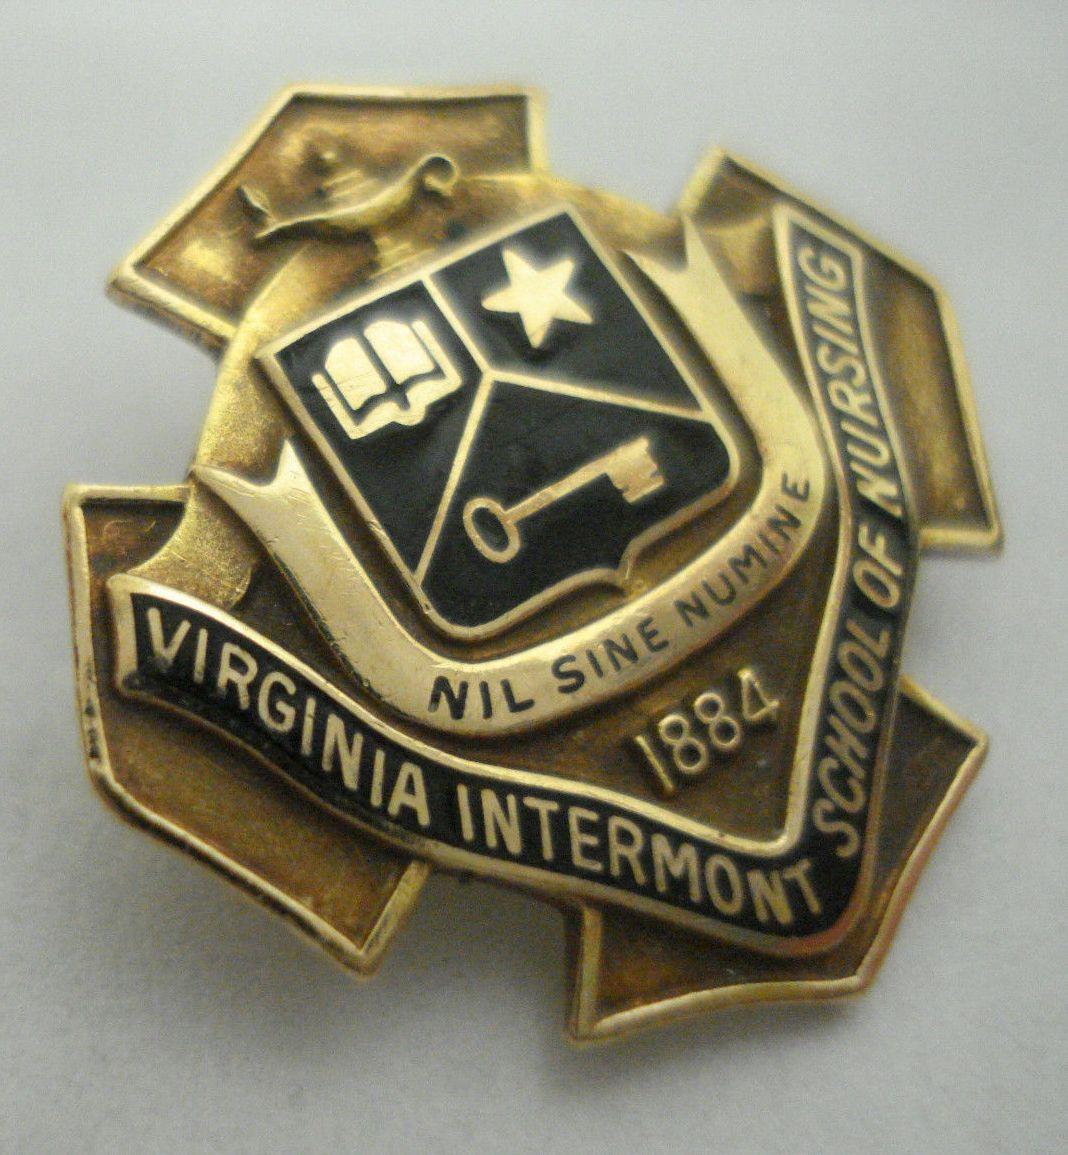 Virginia Intermont College SON Virginia intermont